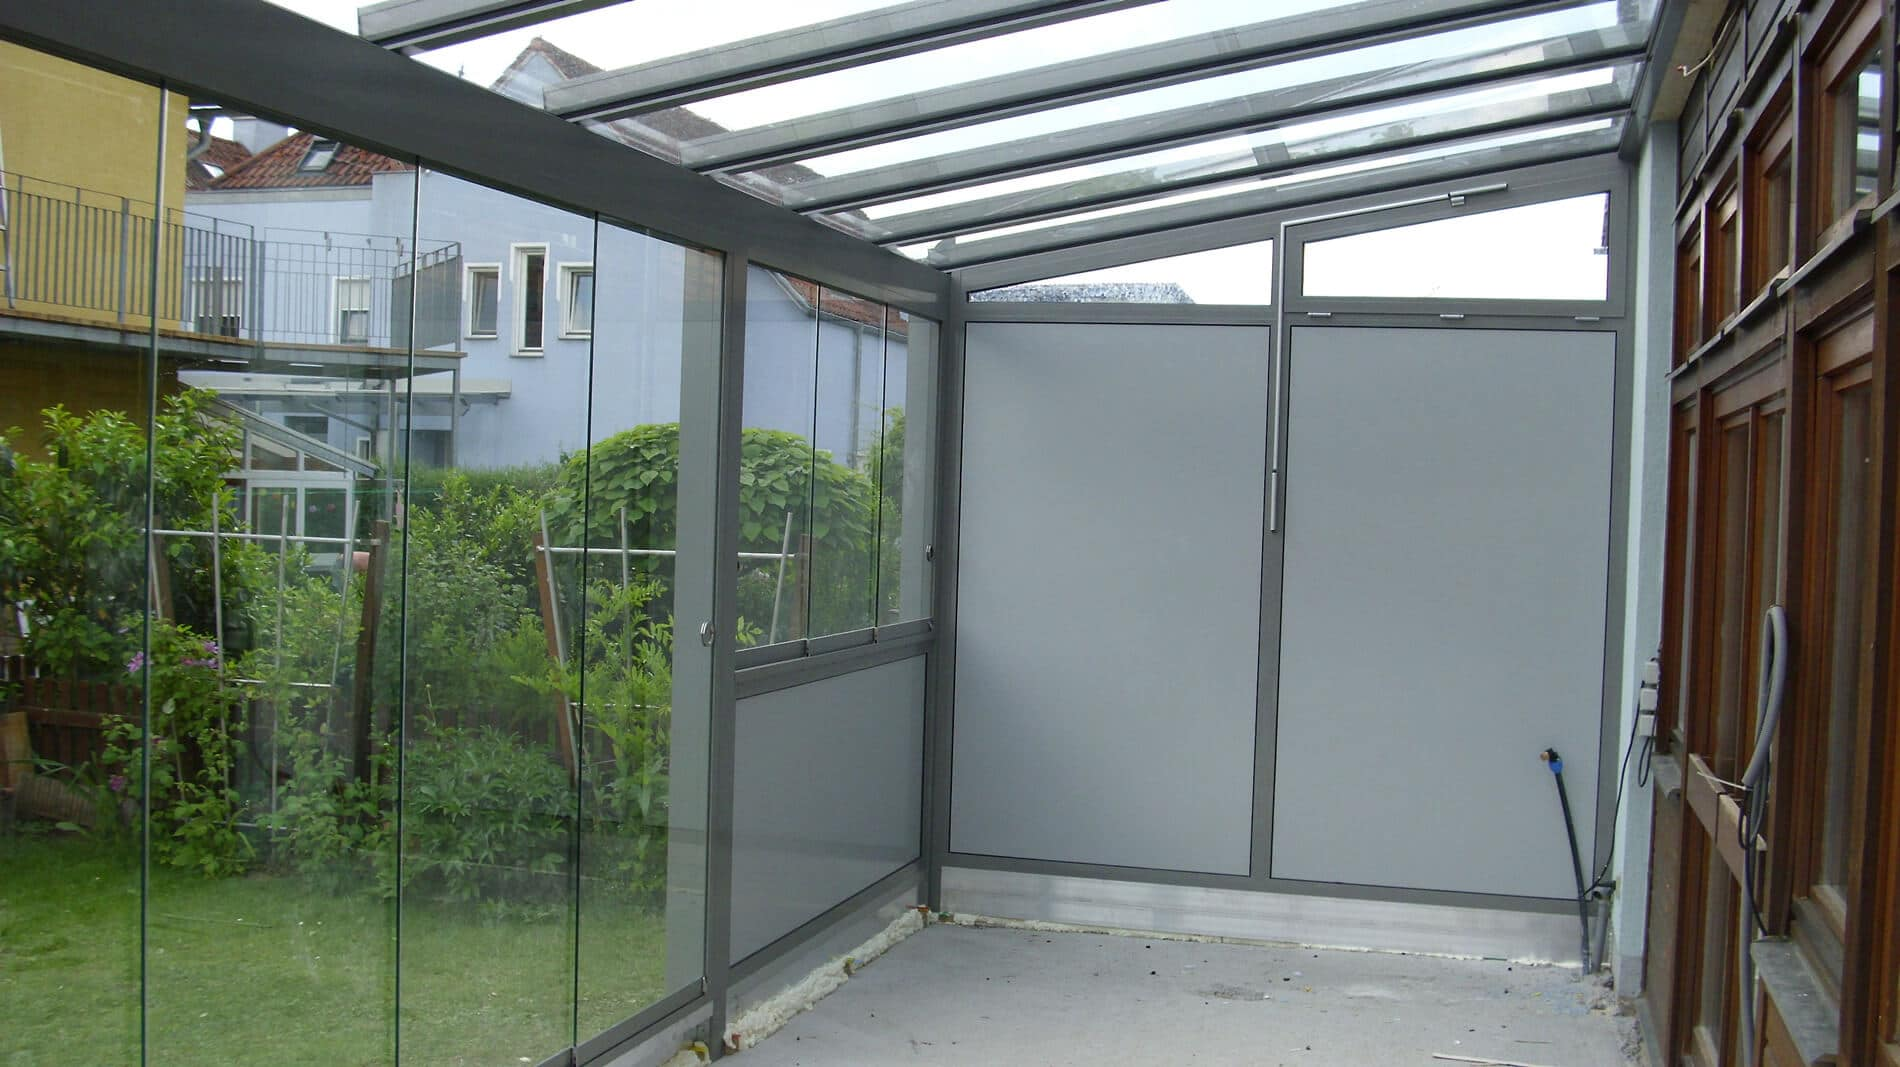 Überdachung Wetterschutz und Sichtschutz